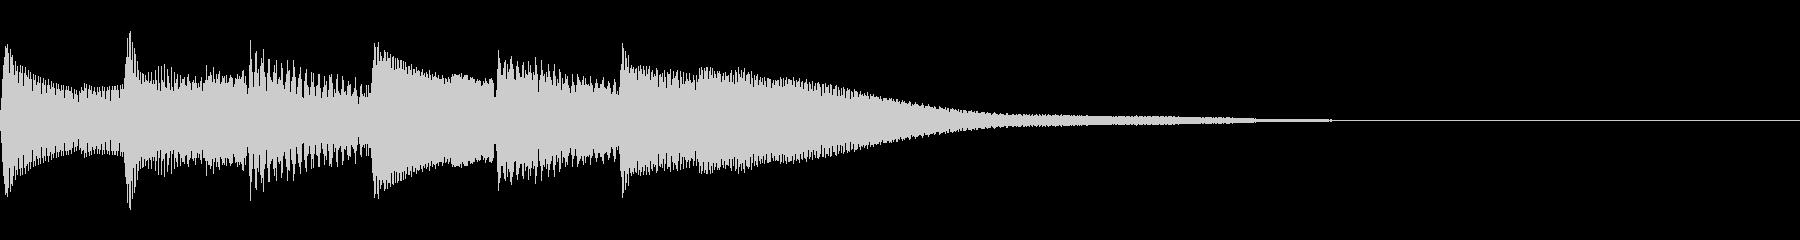 正解 1A 控え目な音 ピポピポピポーンの未再生の波形